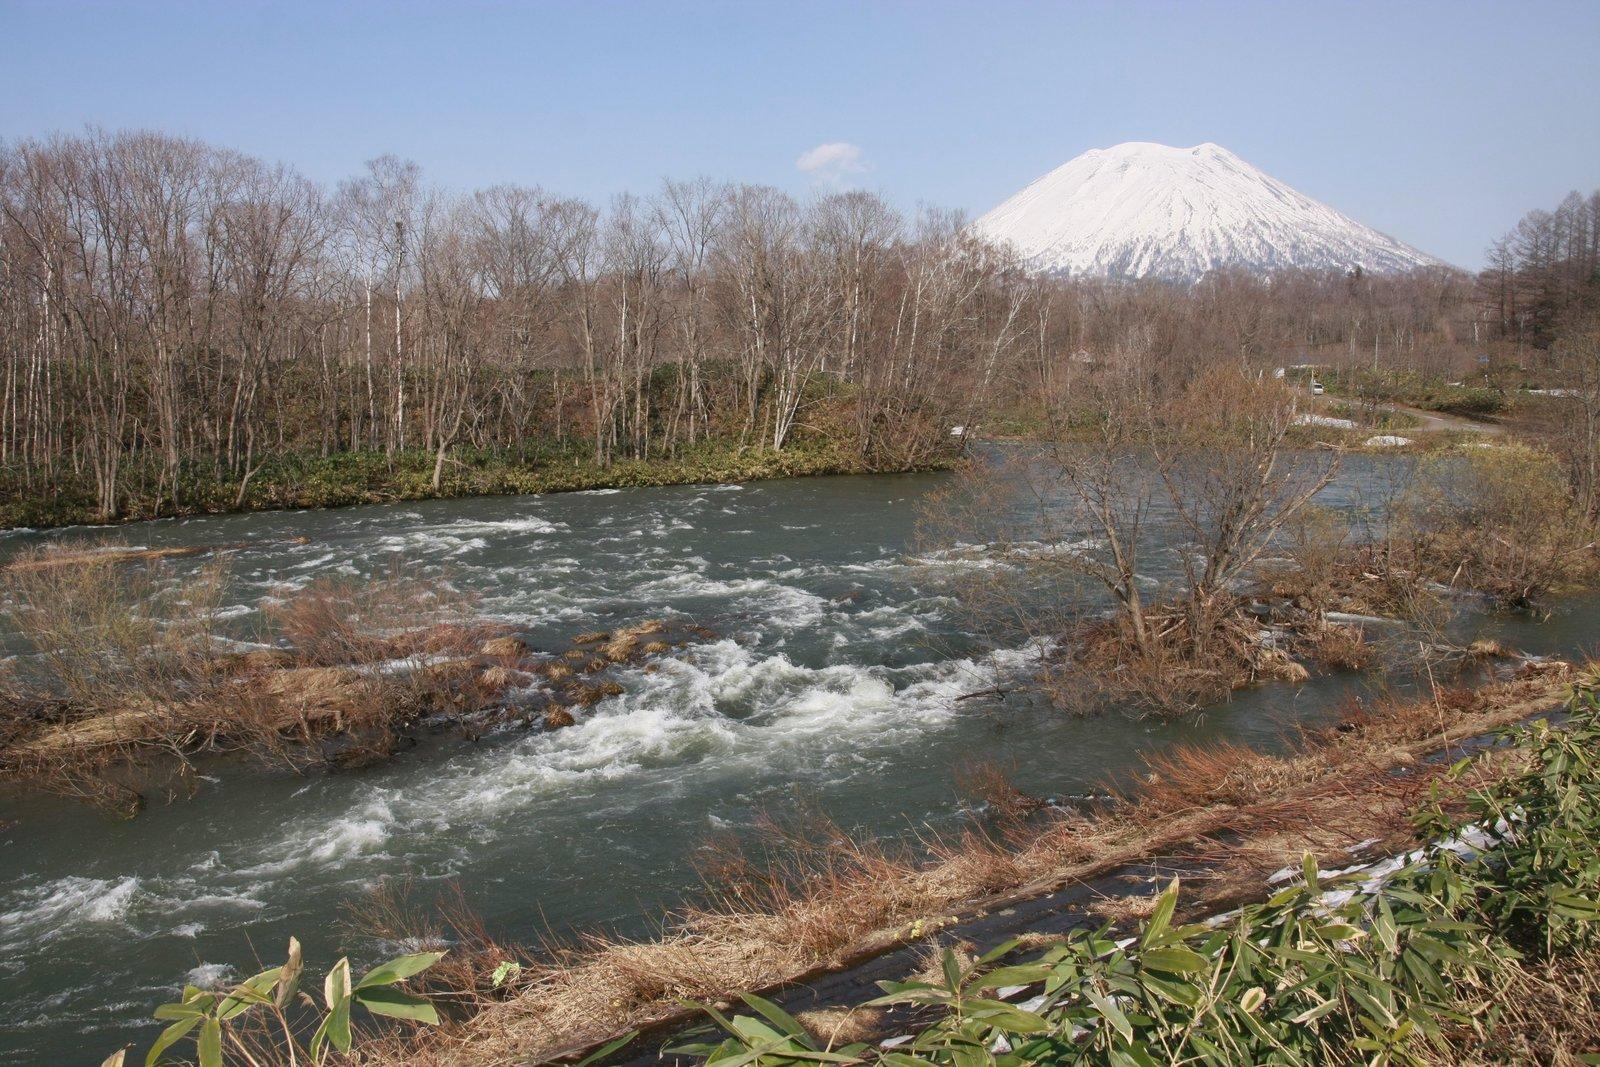 ニセコ町で撮影した4月下旬の尻別川